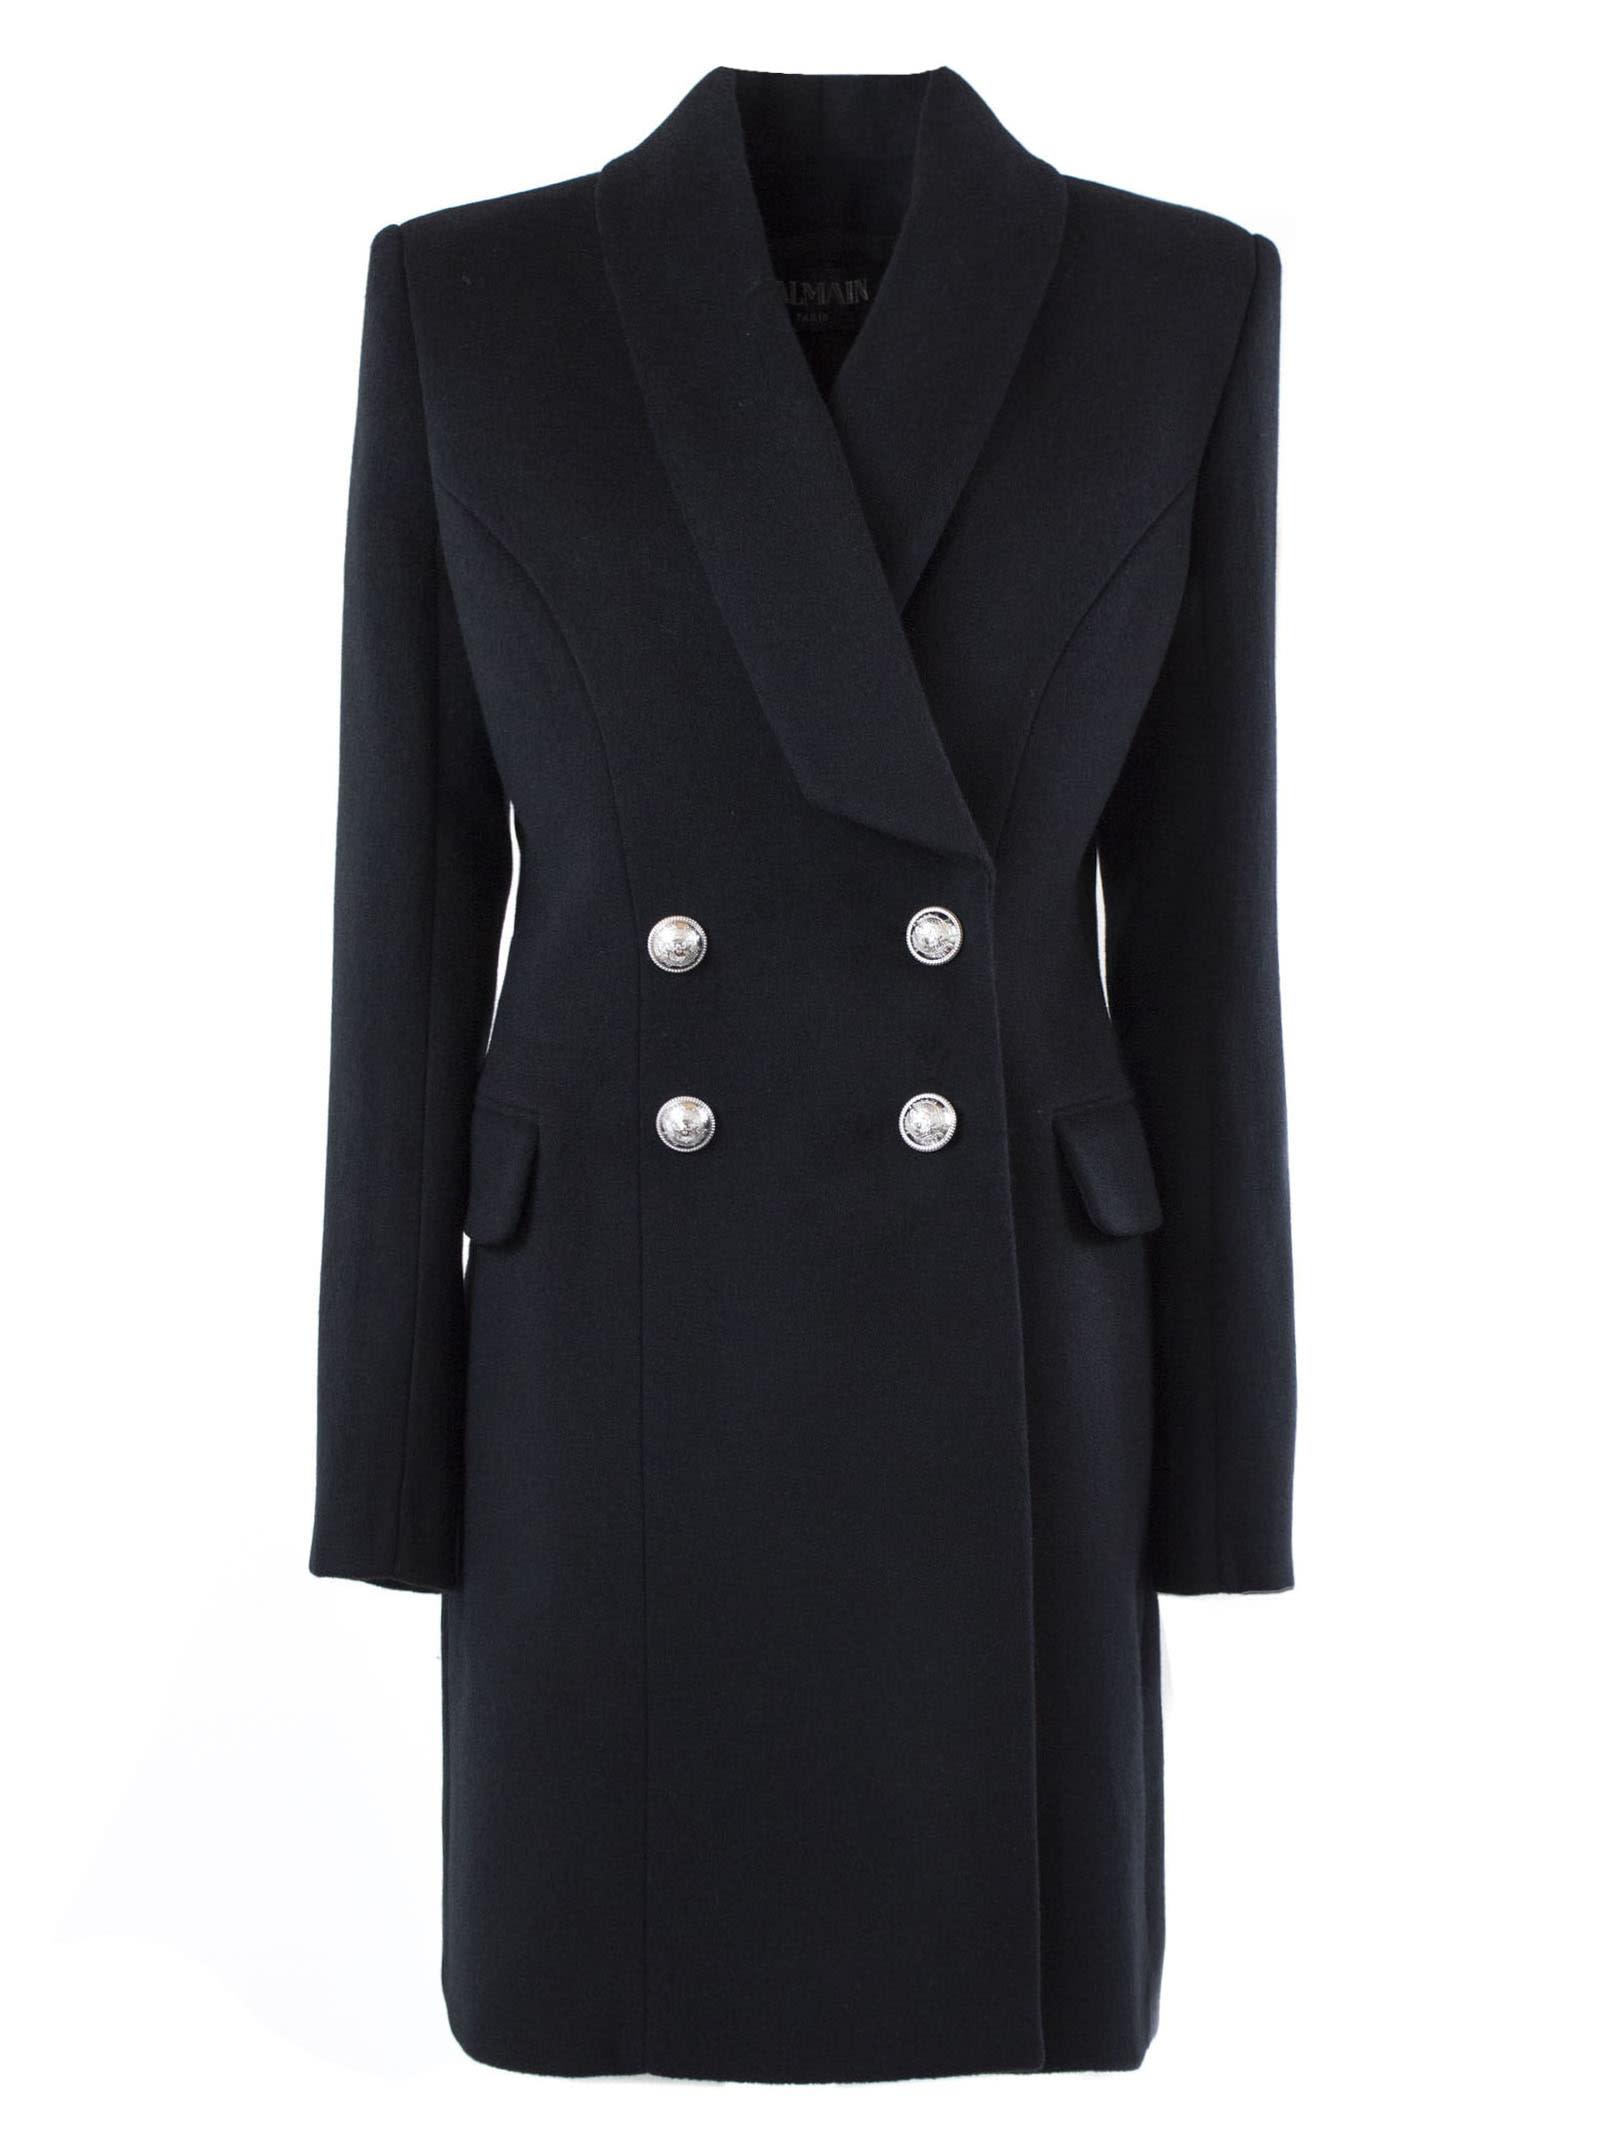 Balmain Black Wool Coat